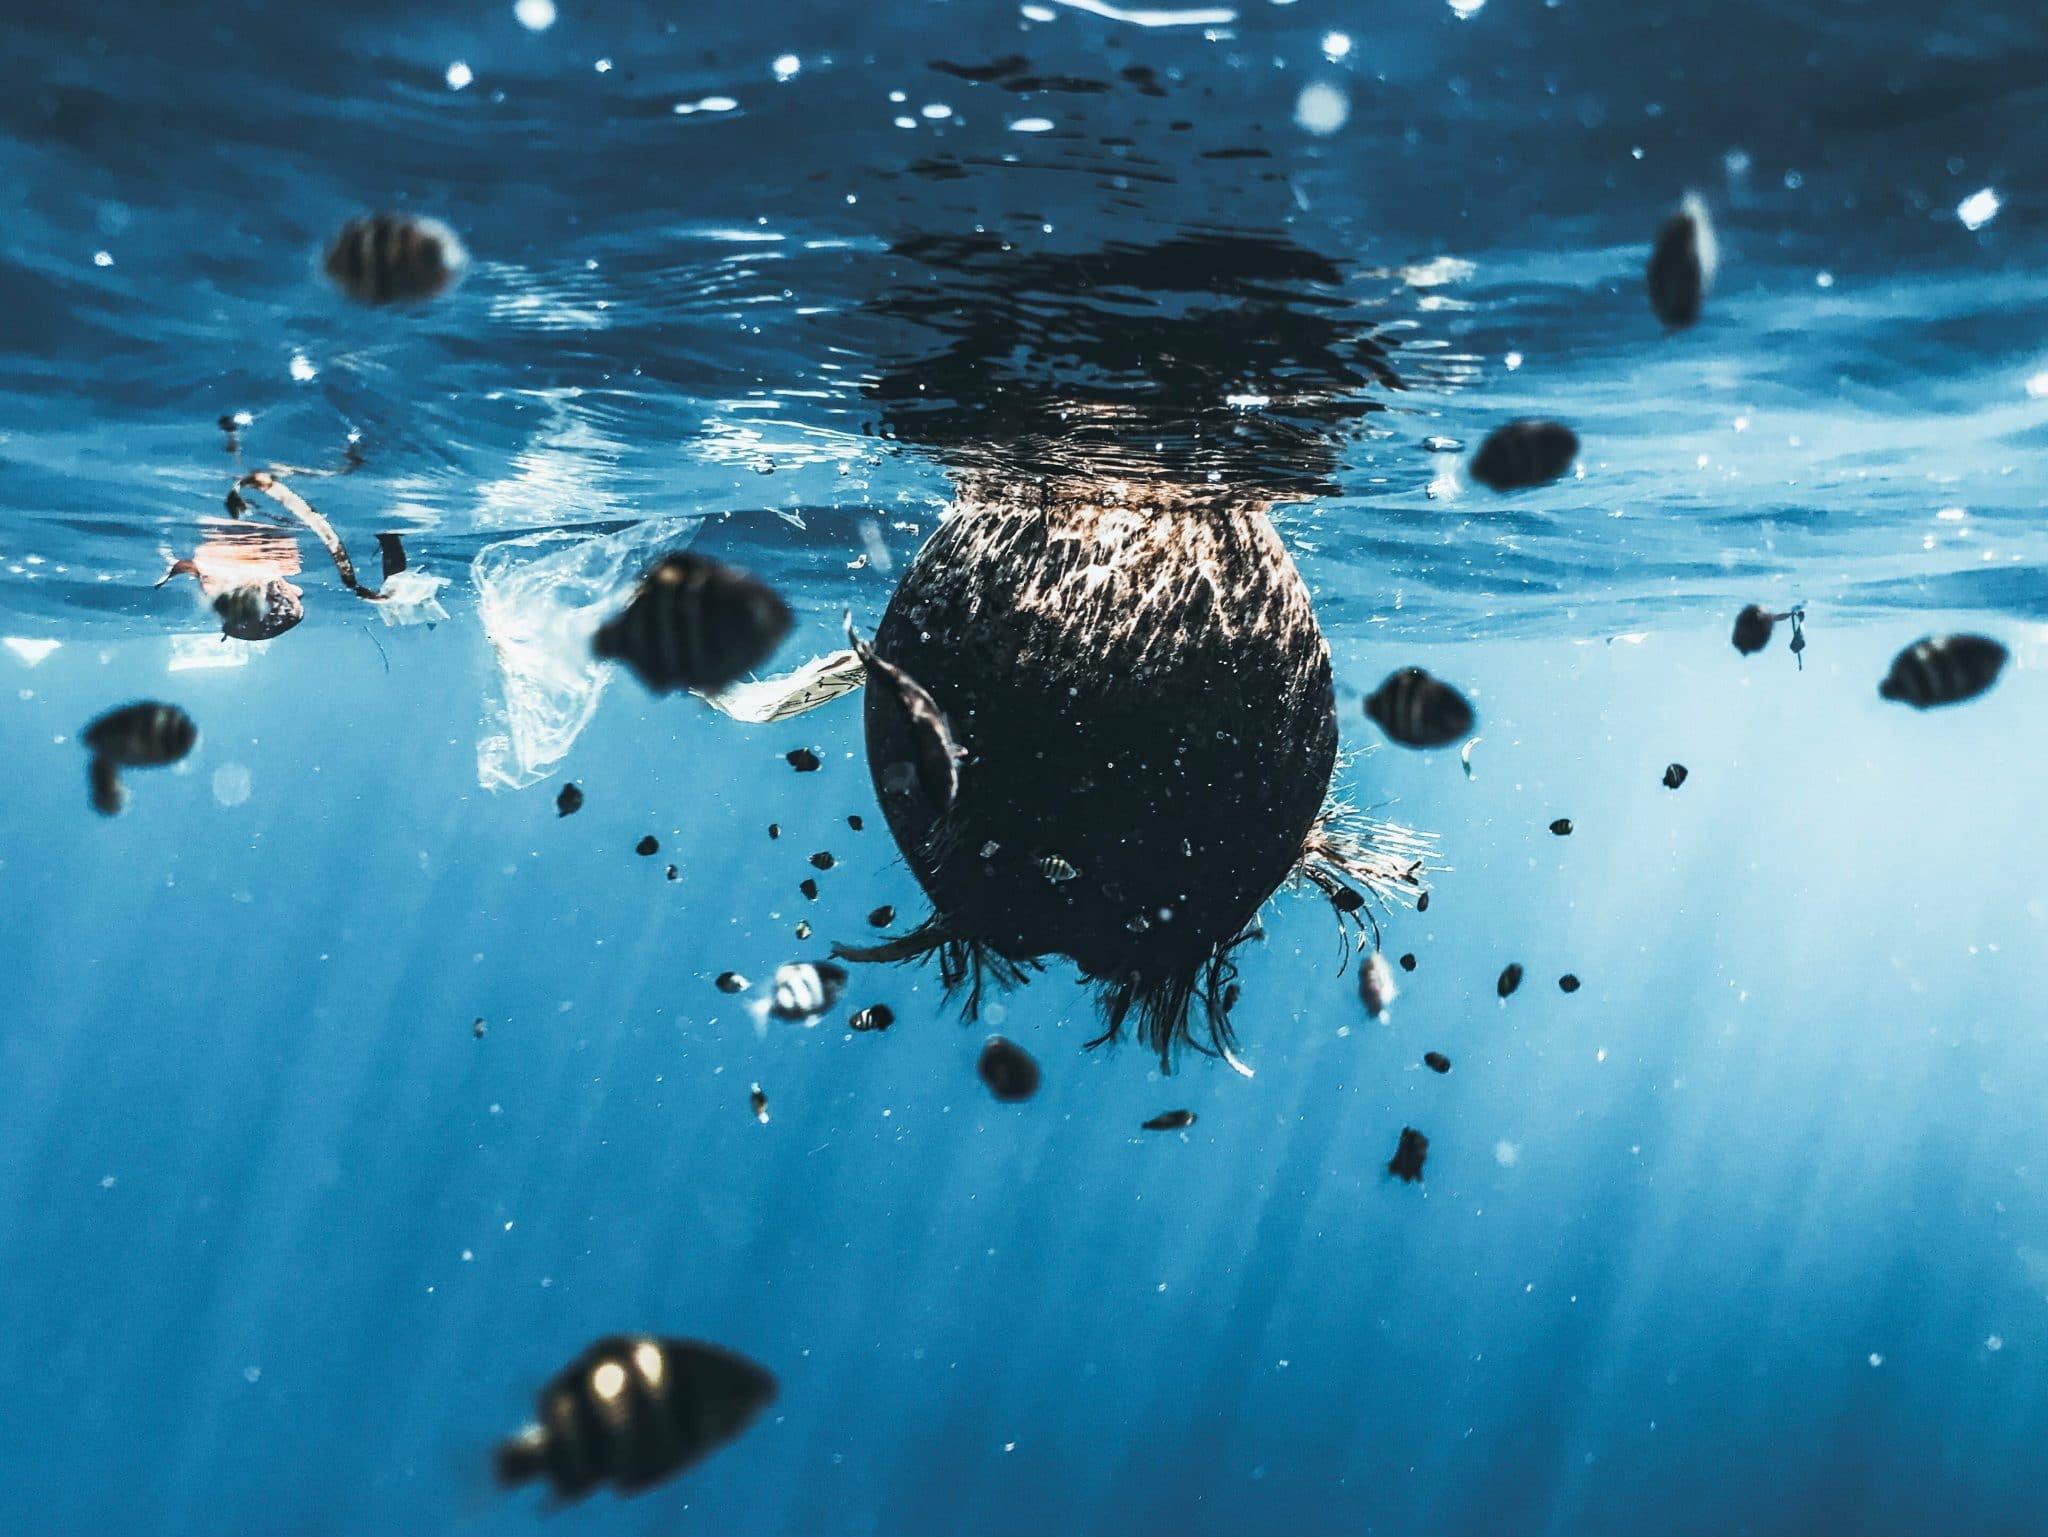 mikromuanyag muanyagszennyezes vizszennyezes kornyezetszennyezes